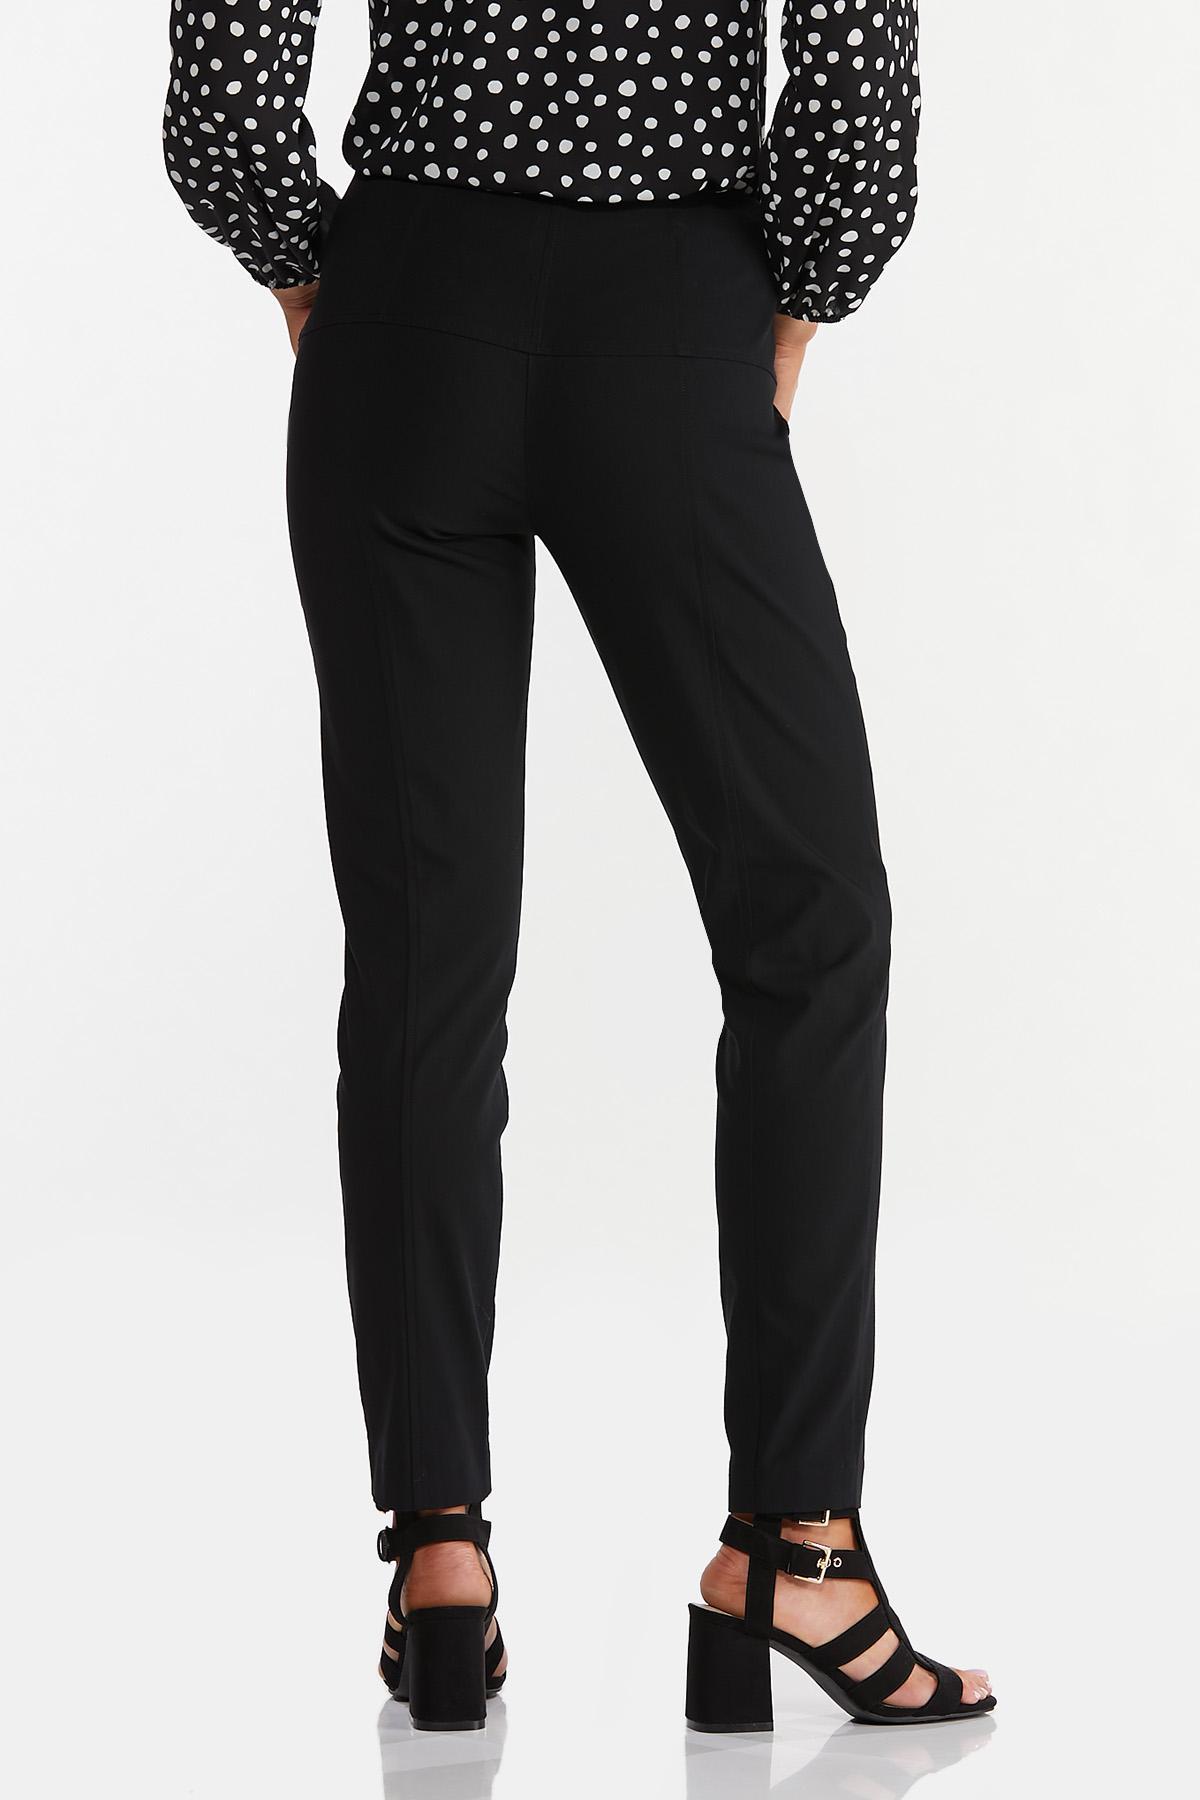 Black Pull-On Pants (Item #44649652)